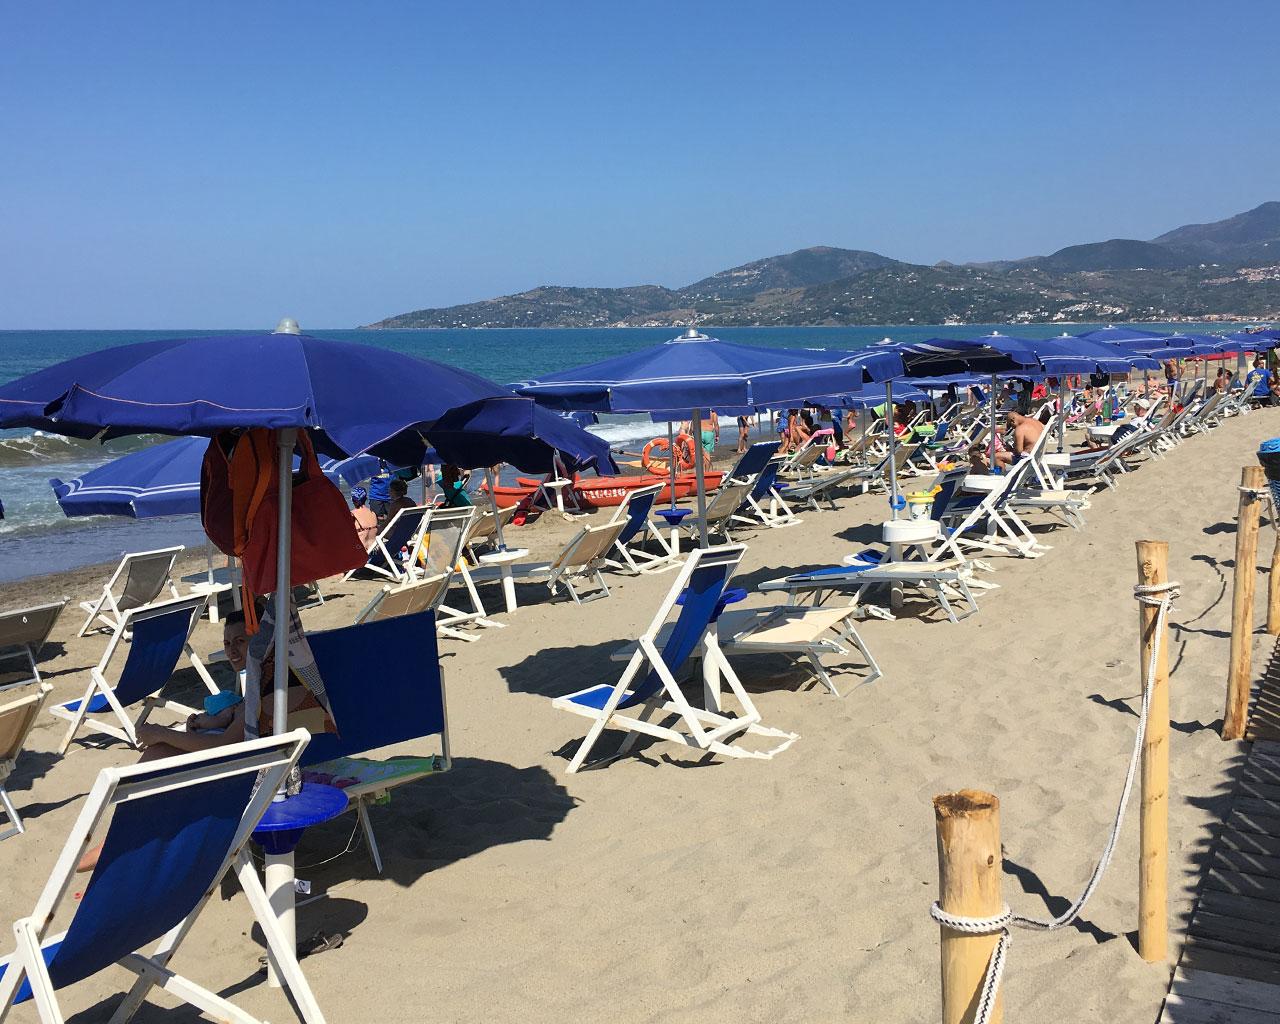 Oasi del Cilento - Il territorio, tra mare, storia, natura e dieta mediterranea